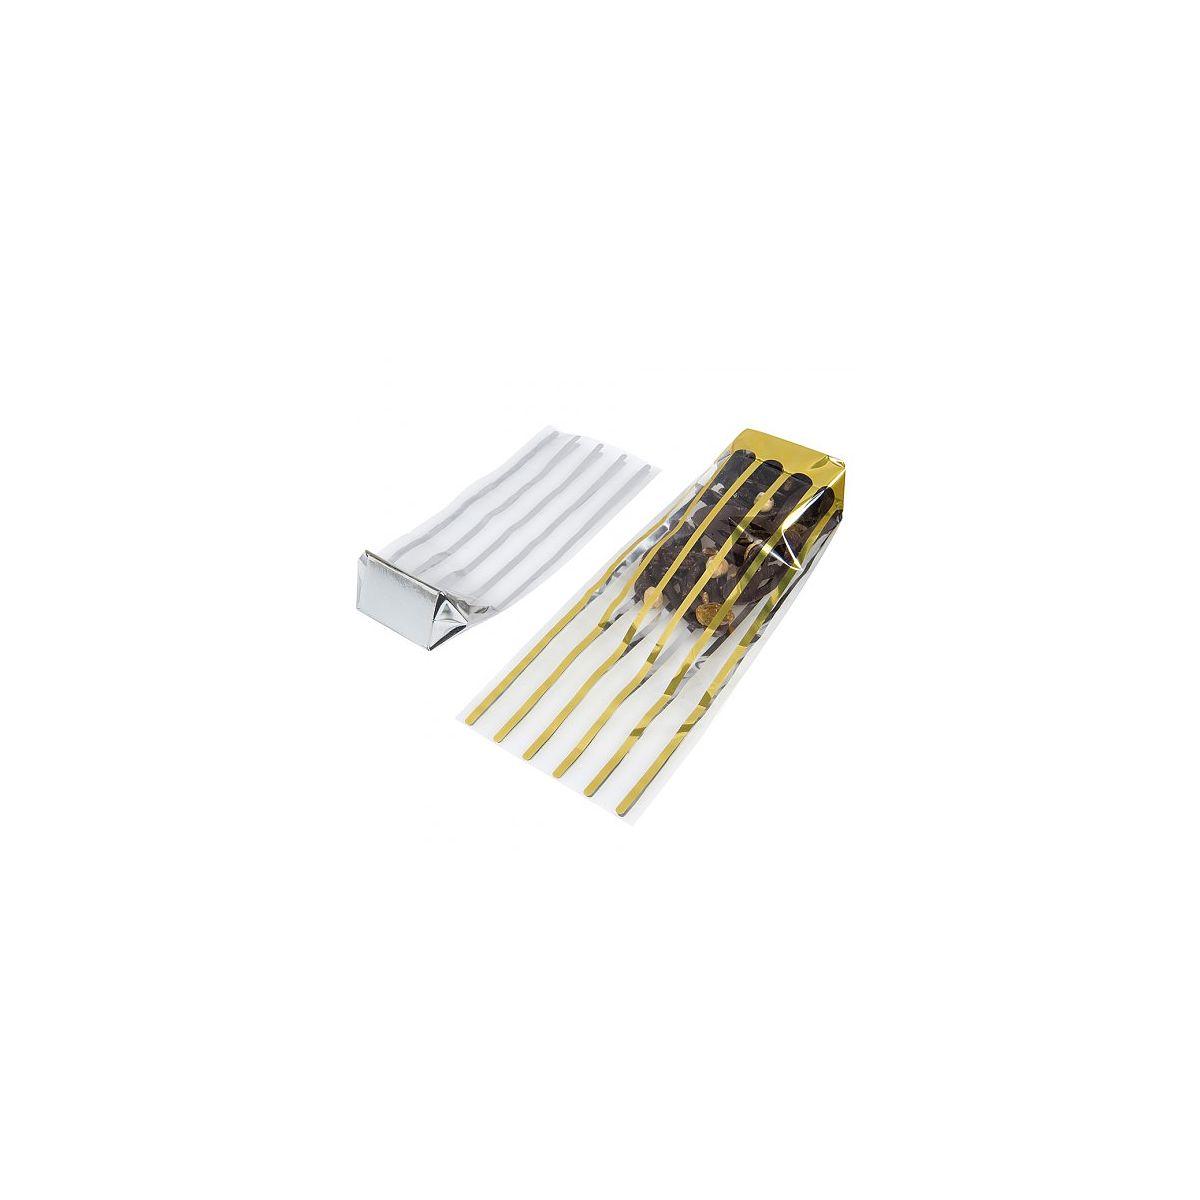 e714f4a01 Saqueta de Celofane Transparente com Riscas Douradas 120x275mm 100un.  Clique para aumentar